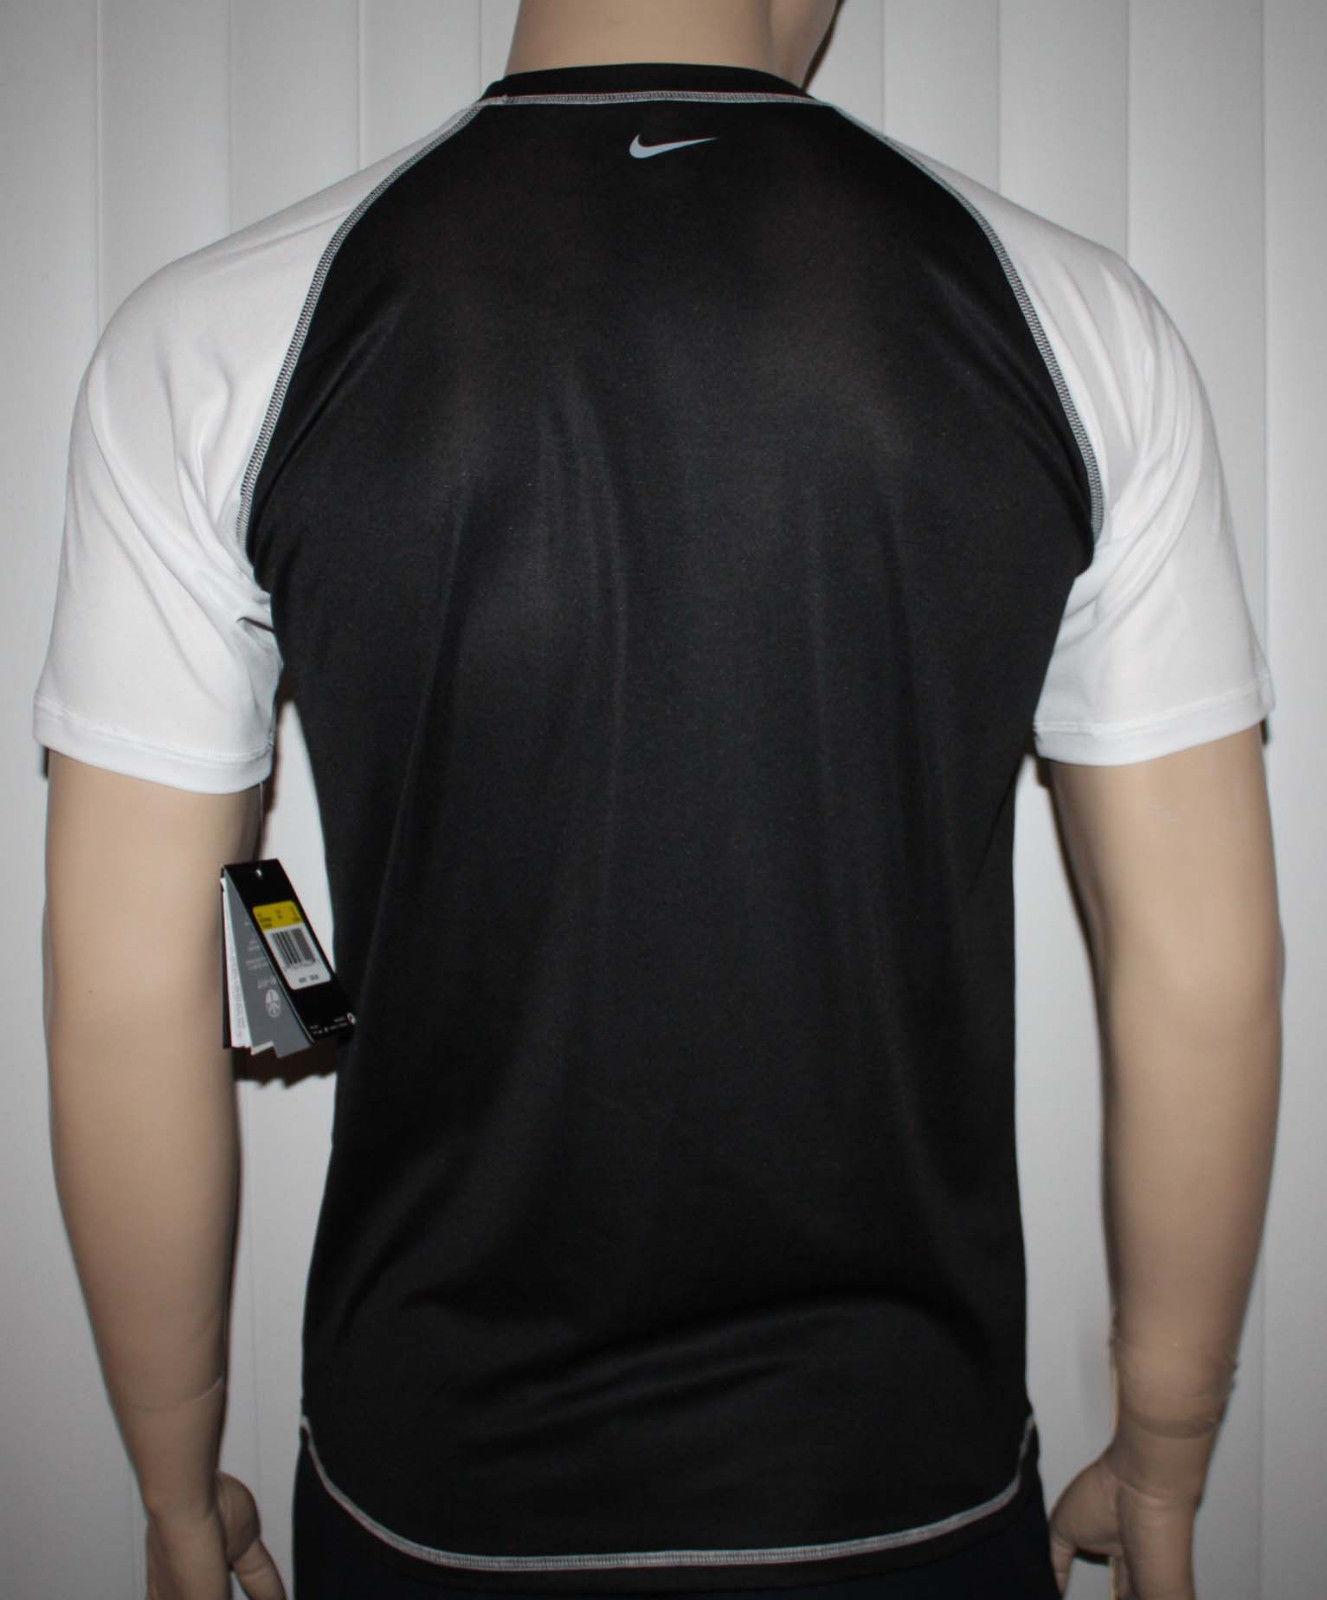 Nike Men's Dri-Fit  UPF 40 + Shirt (Back)